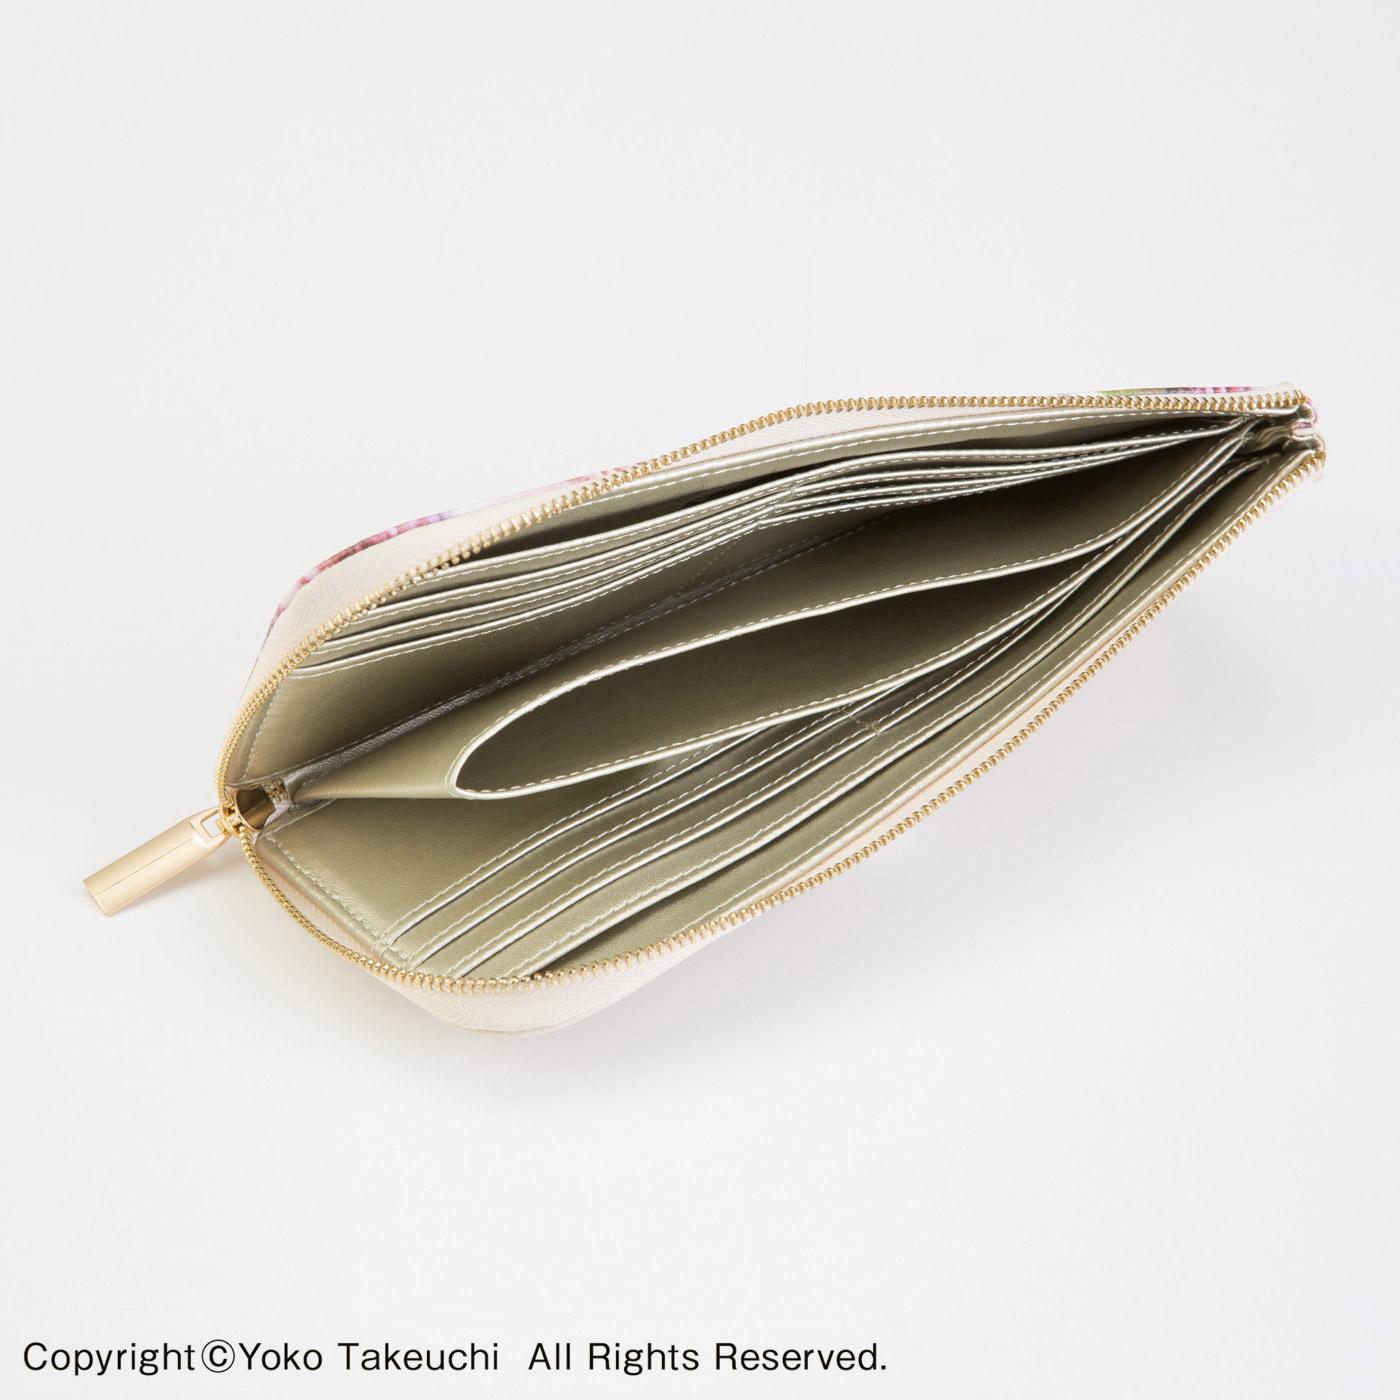 カードポケットは計12個。小銭ポケットはかさばりにくいオープンタイプ。